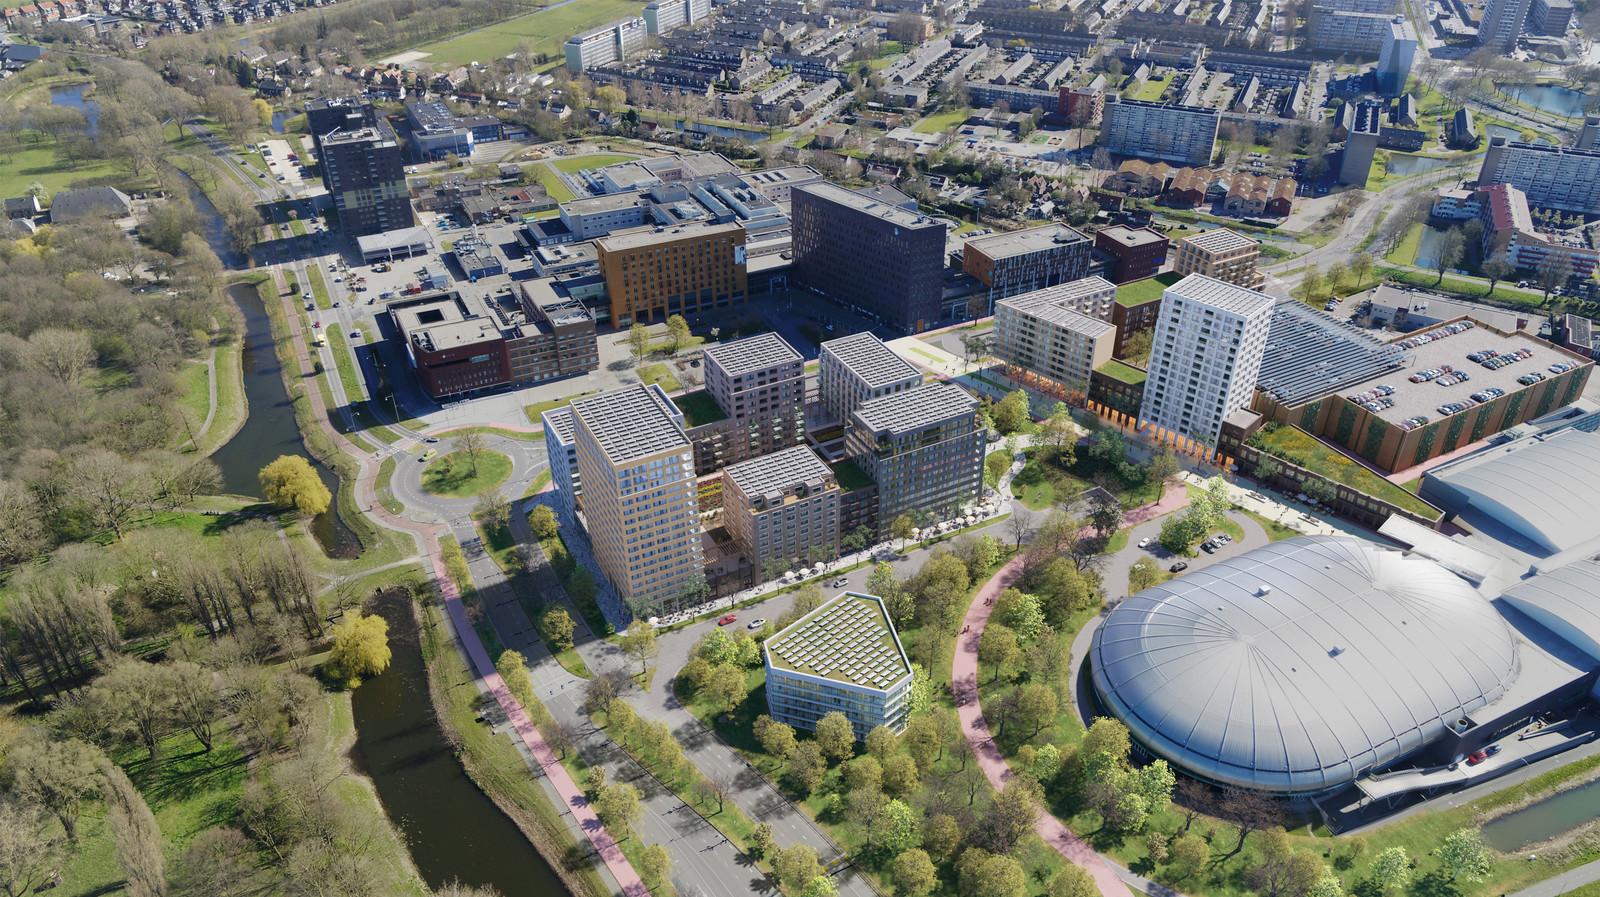 Tussen de Sportboulevard (rechtsonder) en het ziekenhuis (boven in beeld) komt behalve 720 woningen in allerlei prijsklassen en varianten ook veel groen.